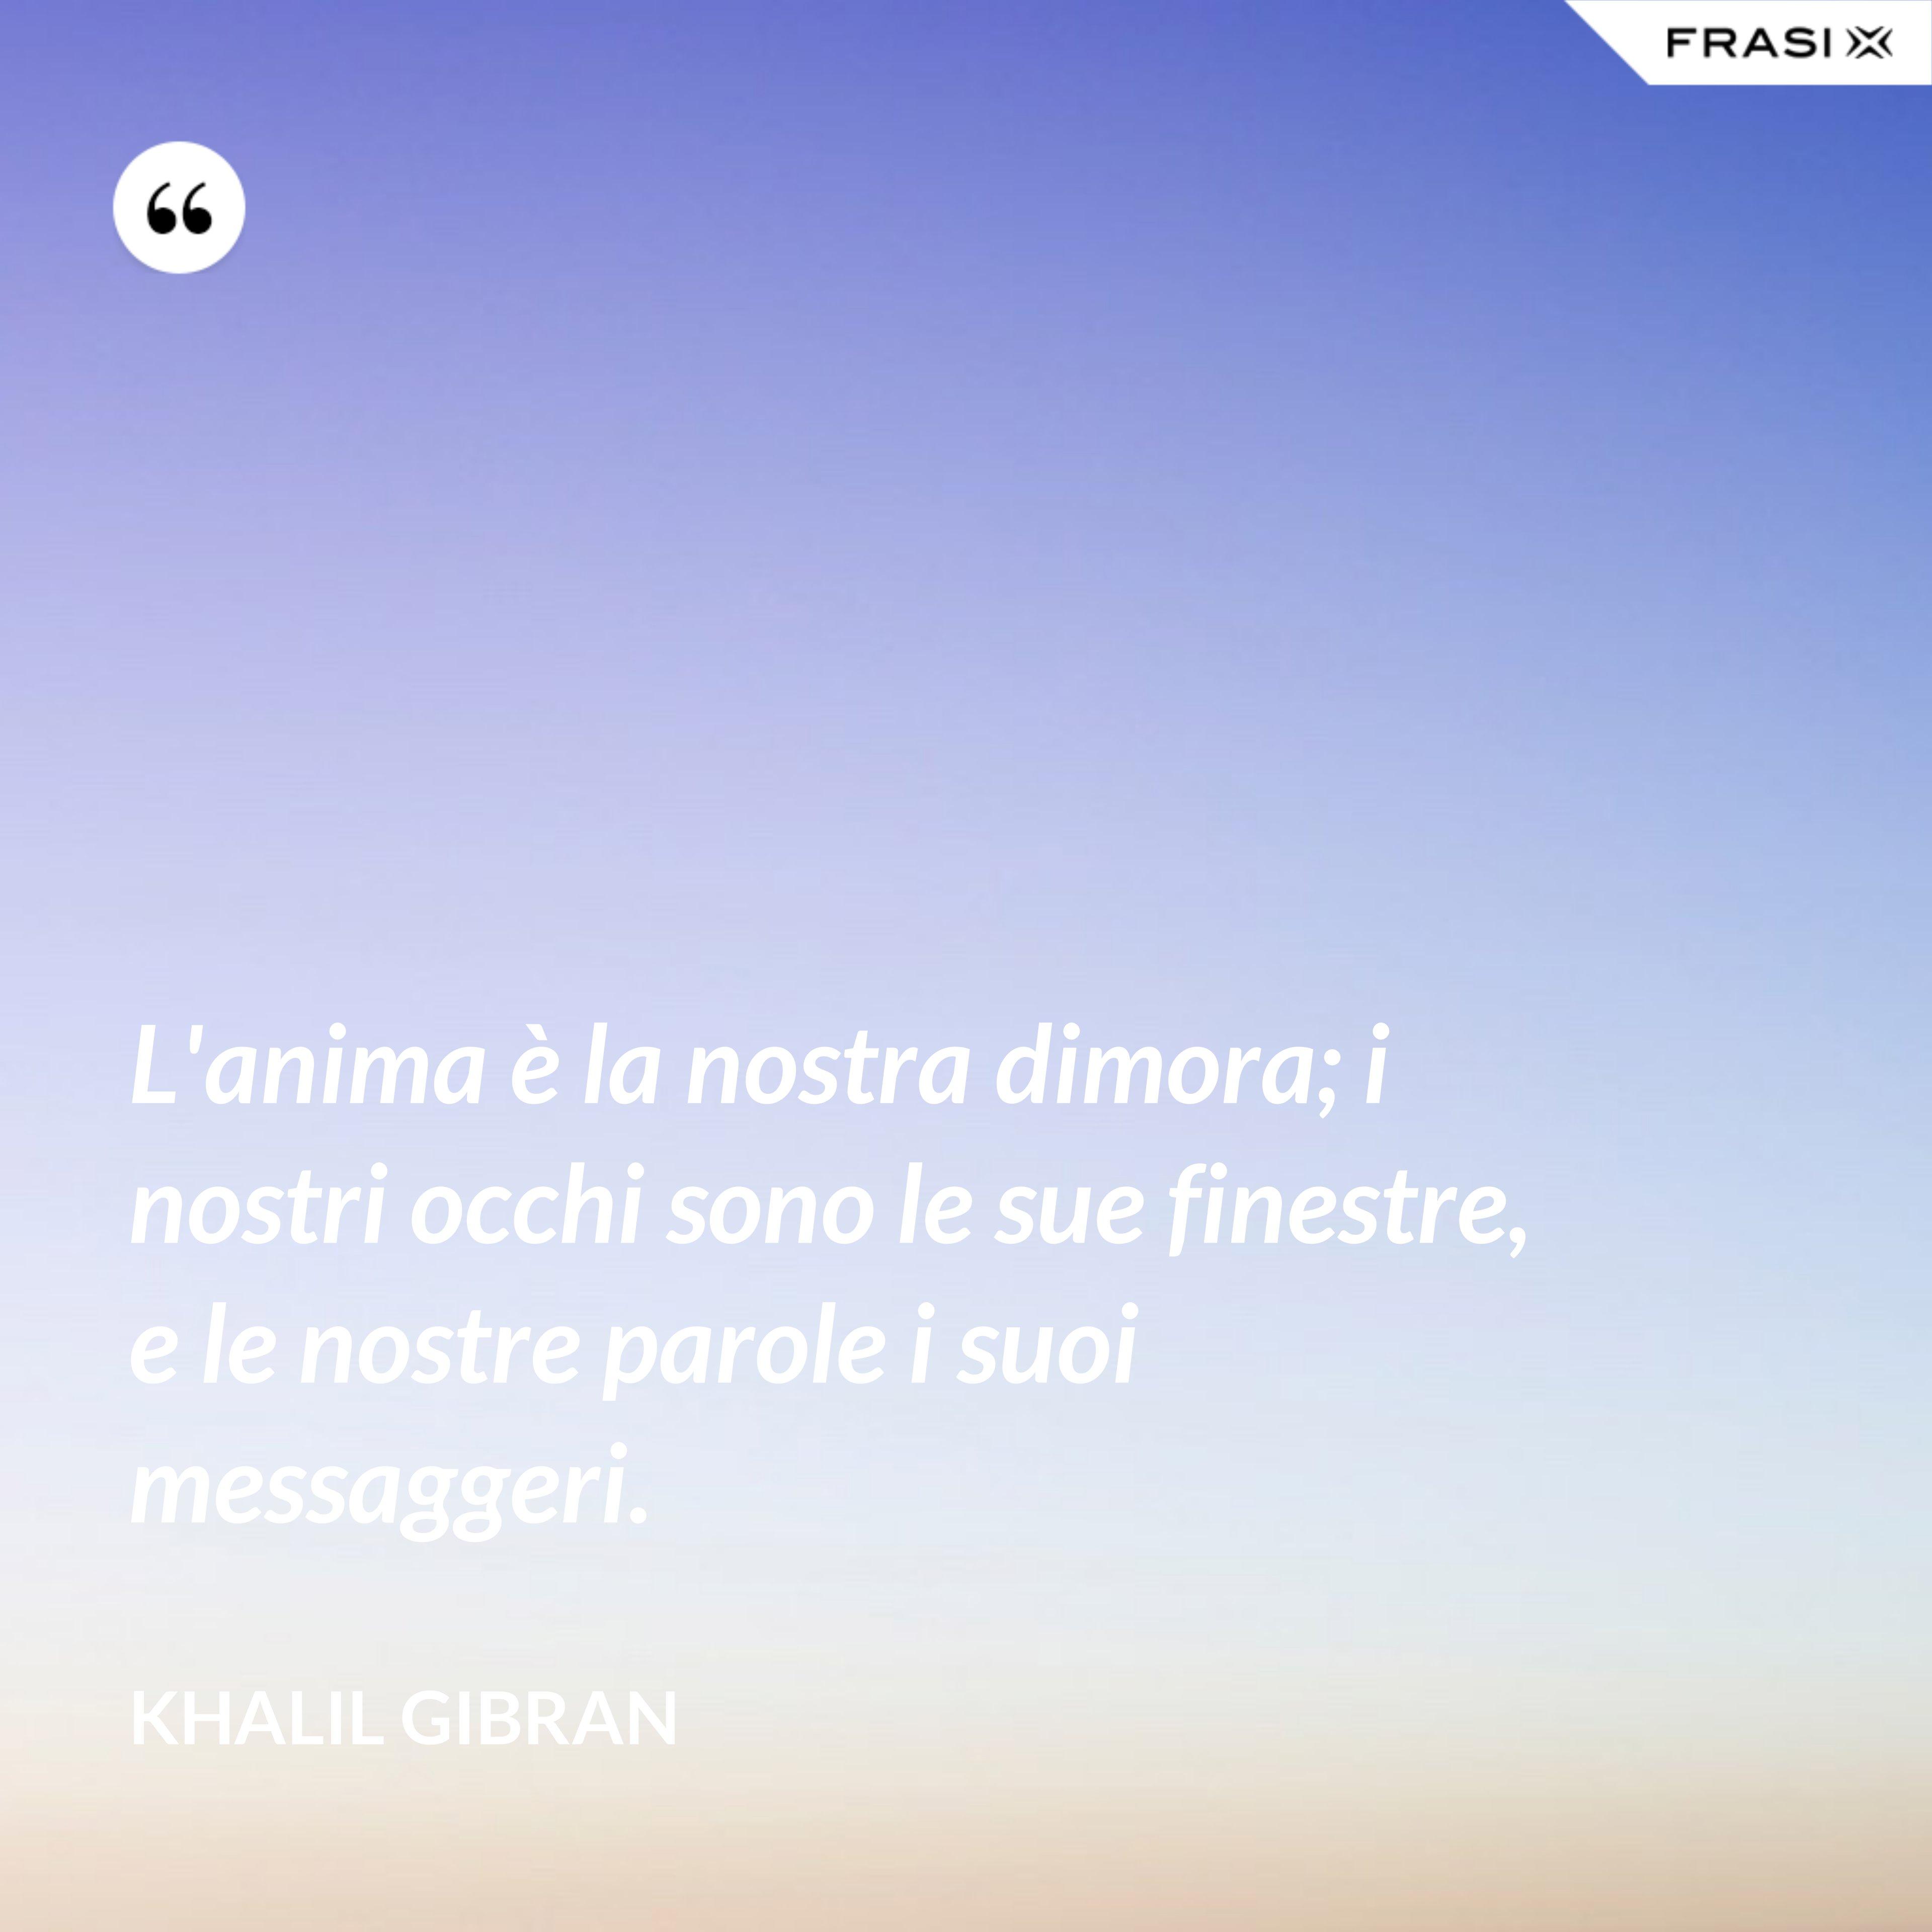 L'anima è la nostra dimora; i nostri occhi sono le sue finestre, e le nostre parole i suoi messaggeri. - Khalil Gibran